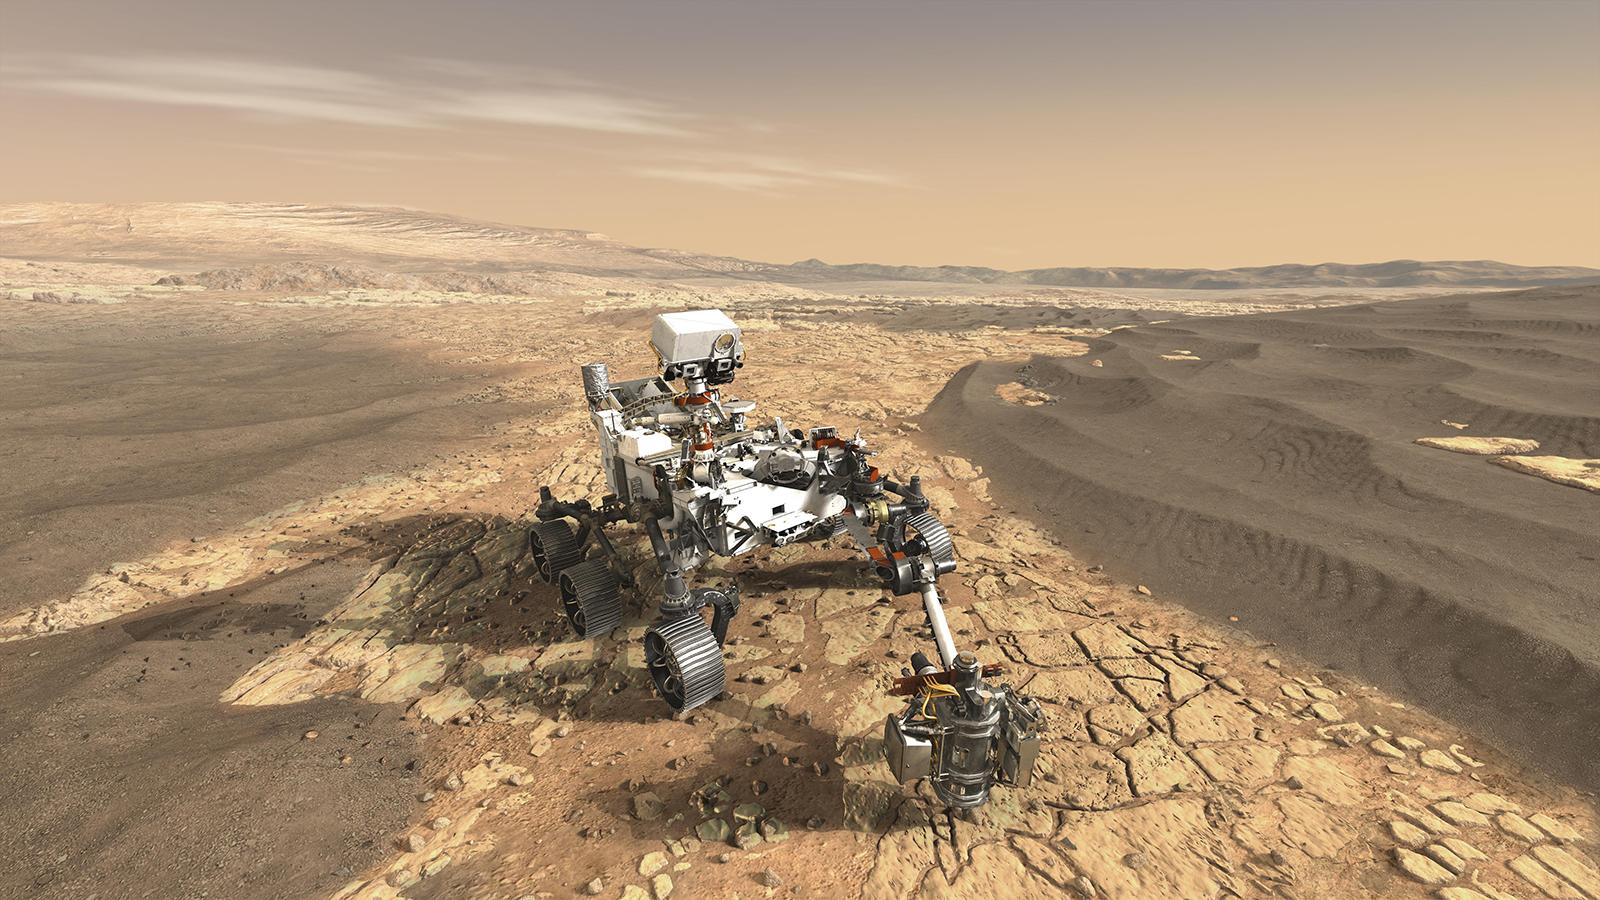 Αποτέλεσμα εικόνας για mars pictures